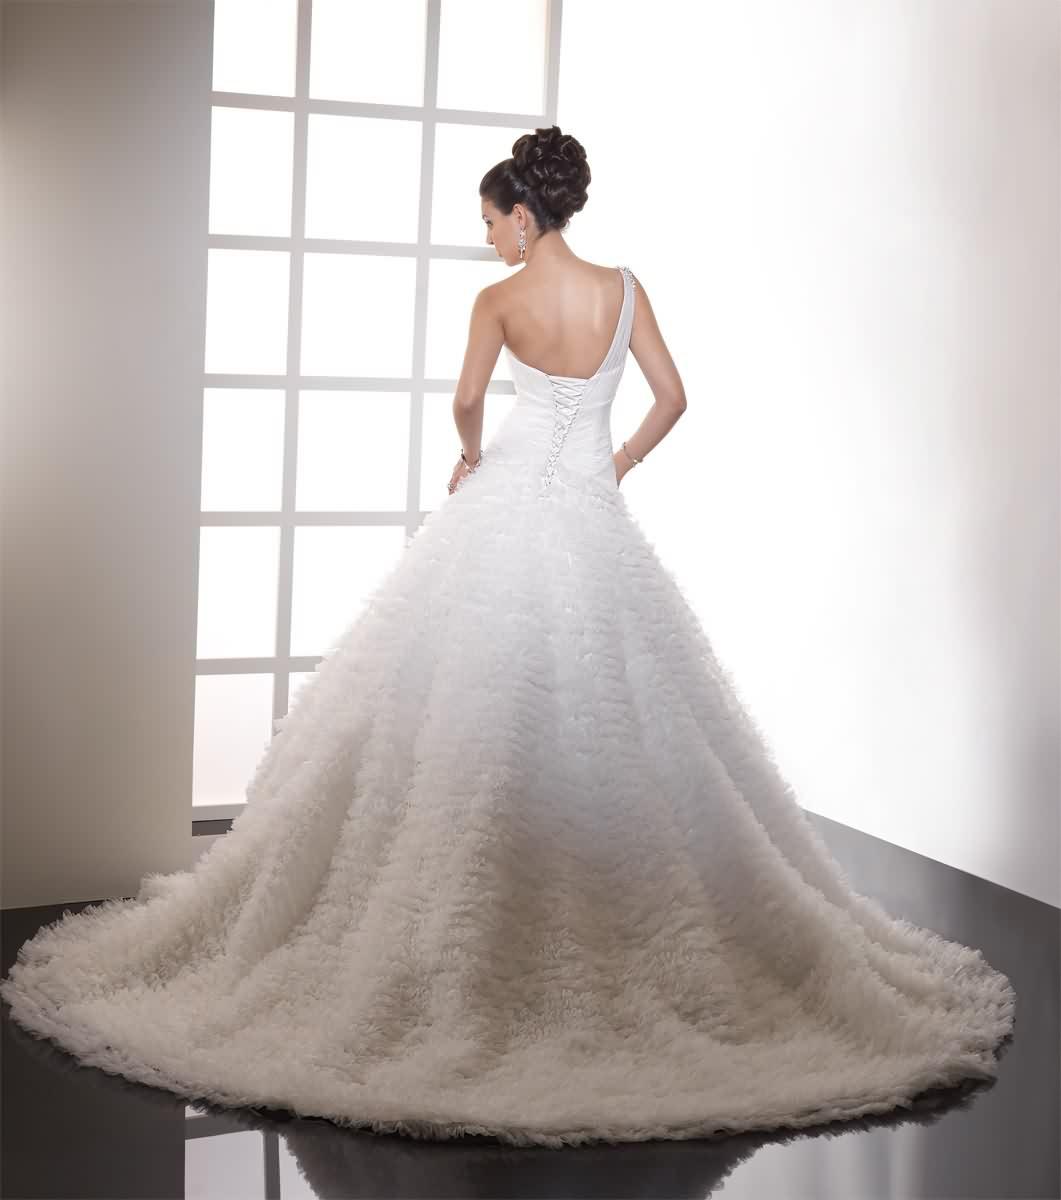 Výpredaj svadobných šiat! - Farba: ivory, veľkosť: 34-38